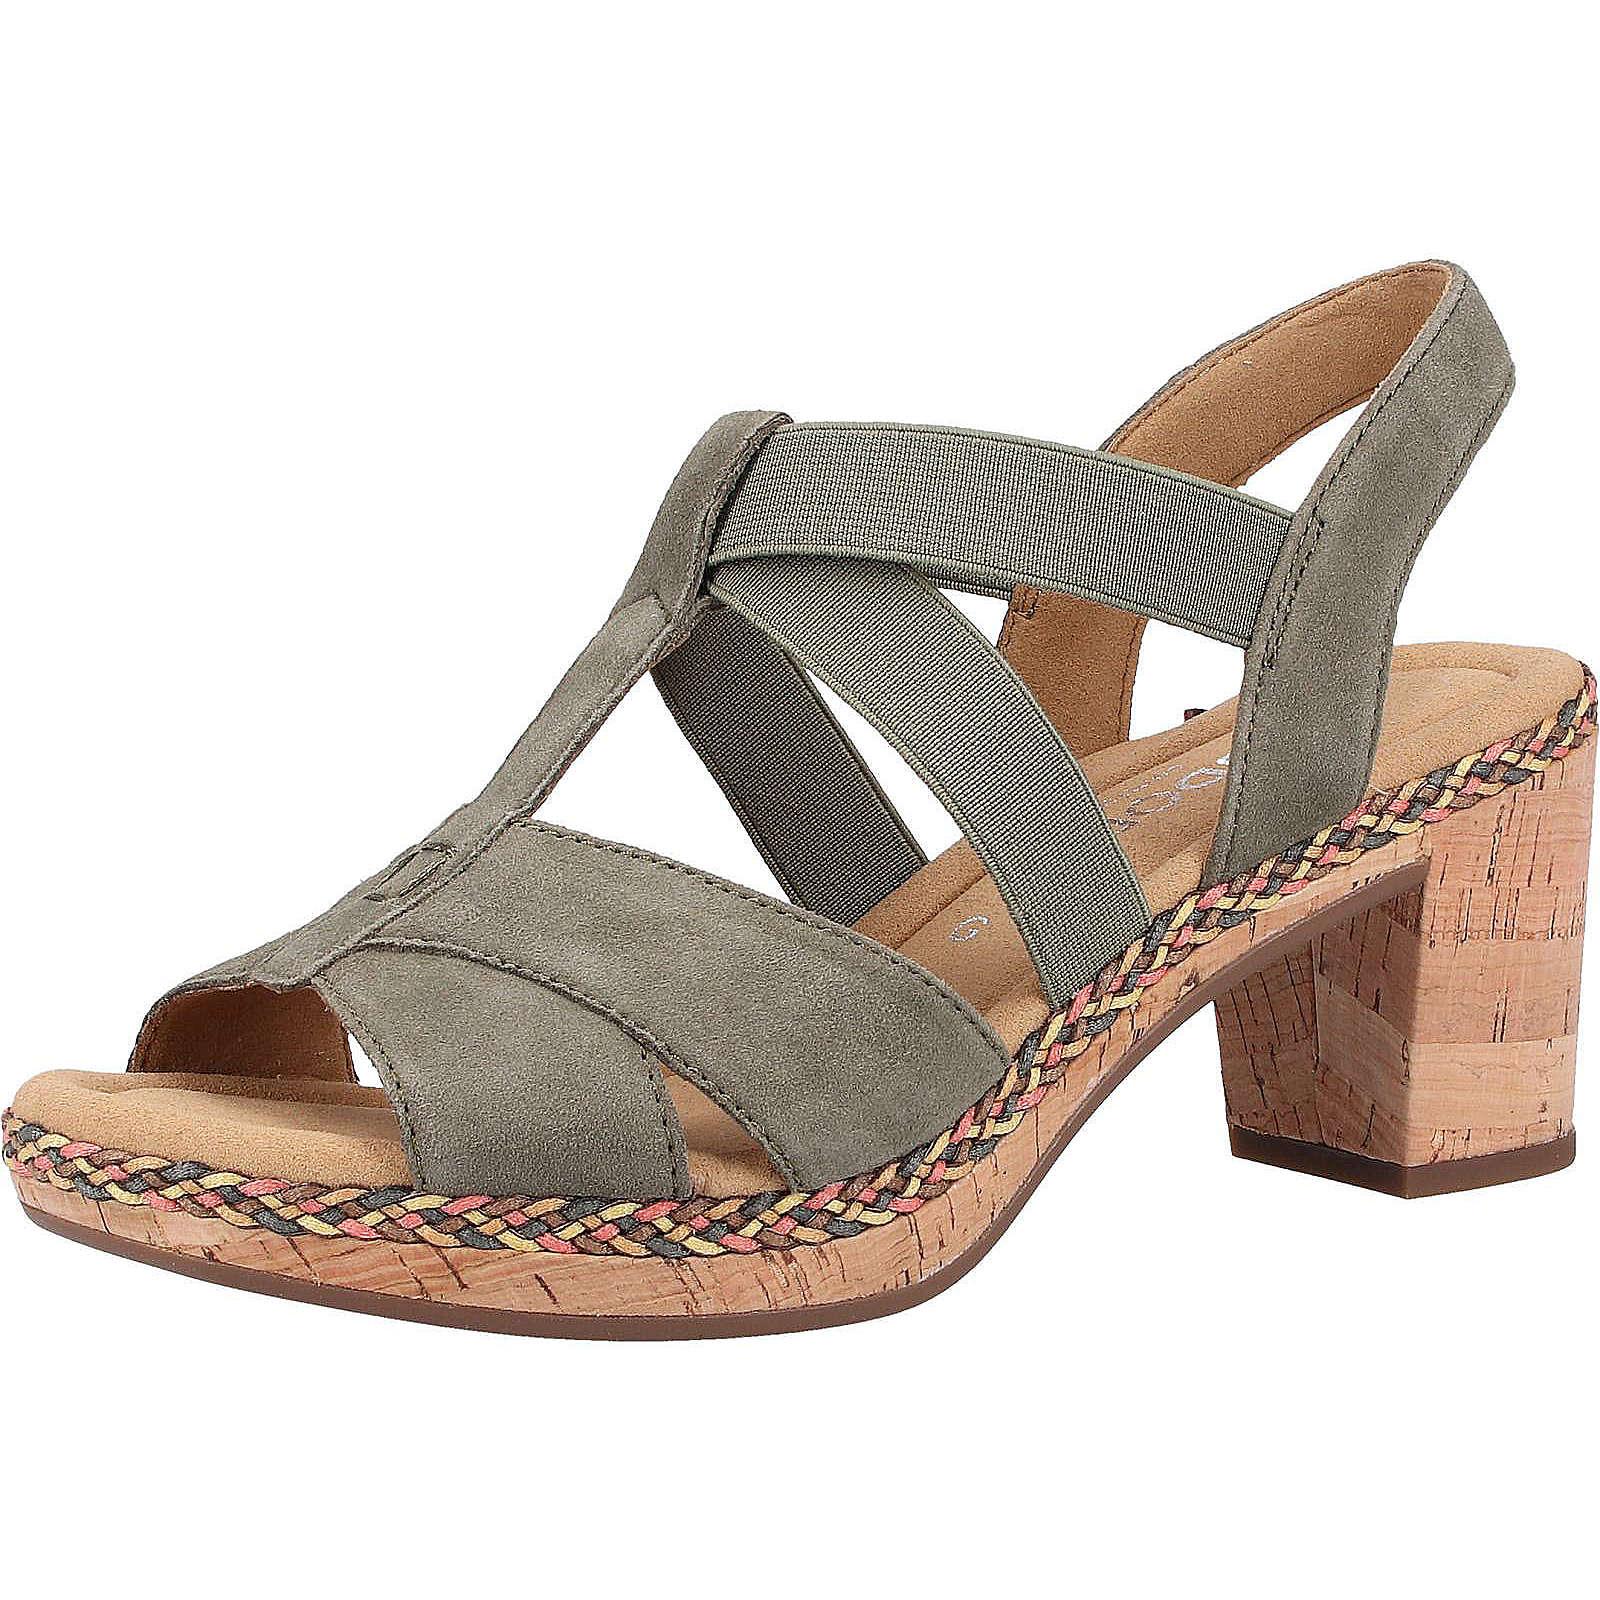 Gabor Sandalen Klassische Sandaletten khaki Damen Gr. 36